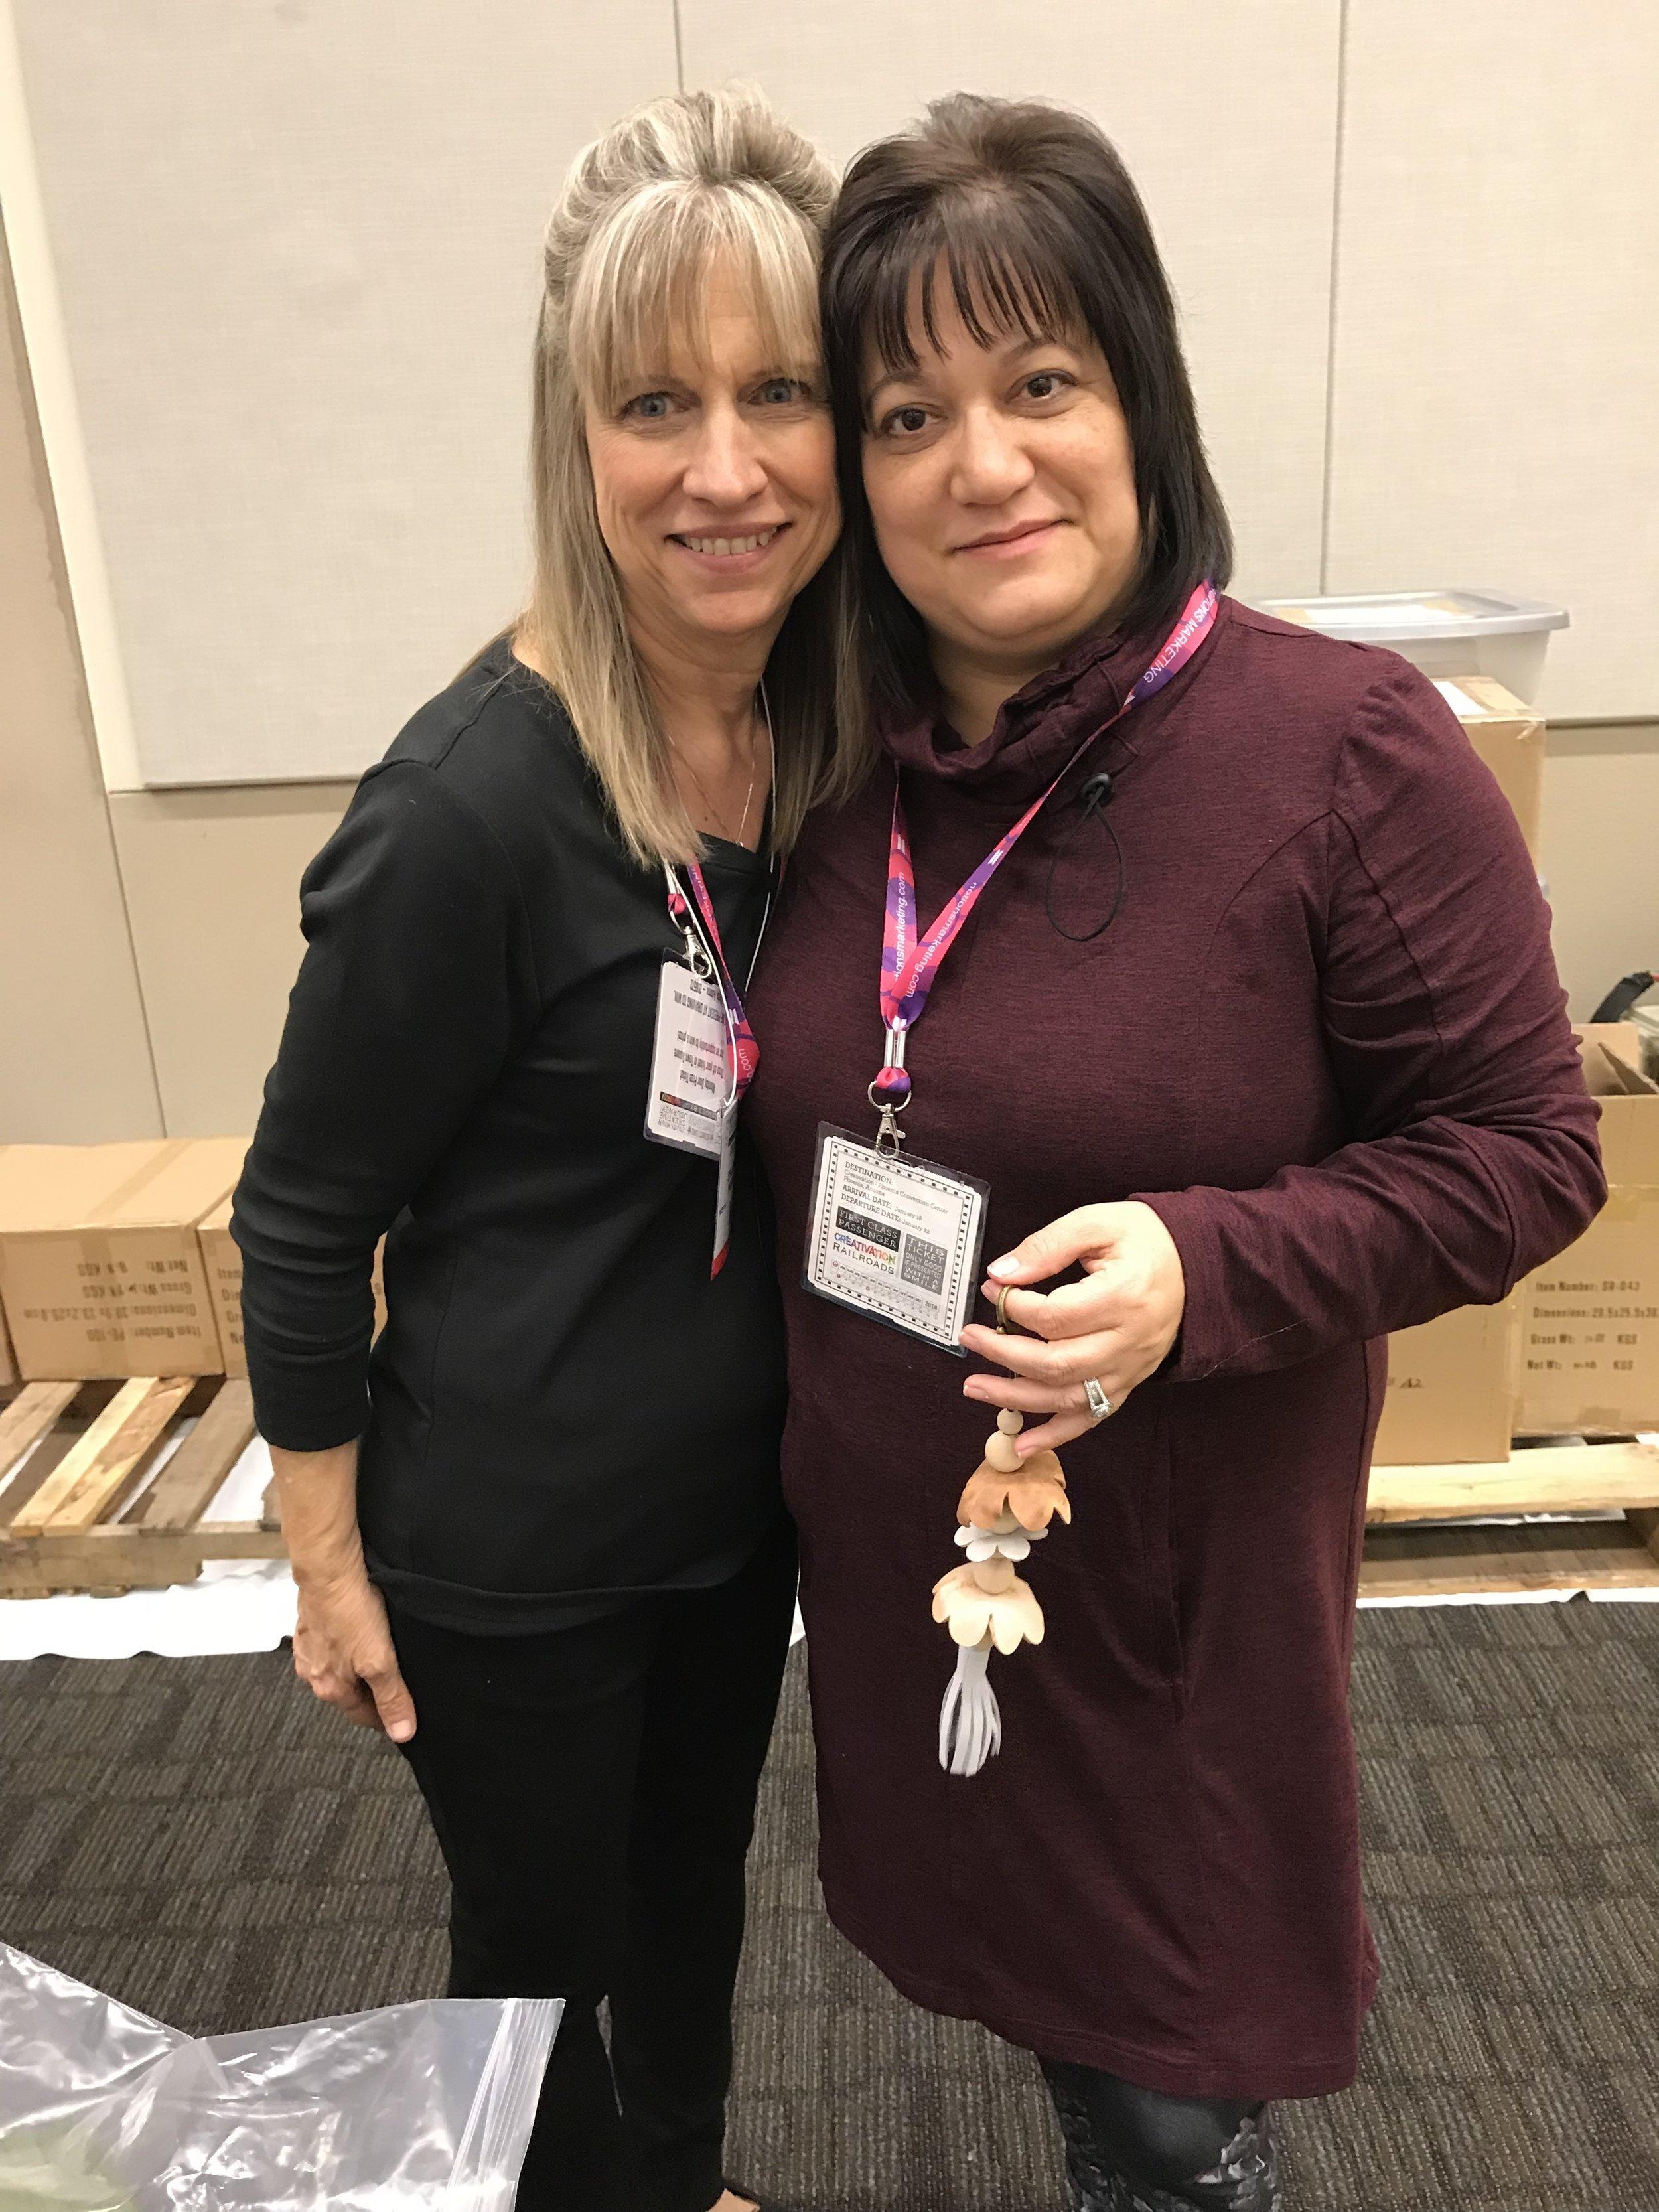 With Debi Adams